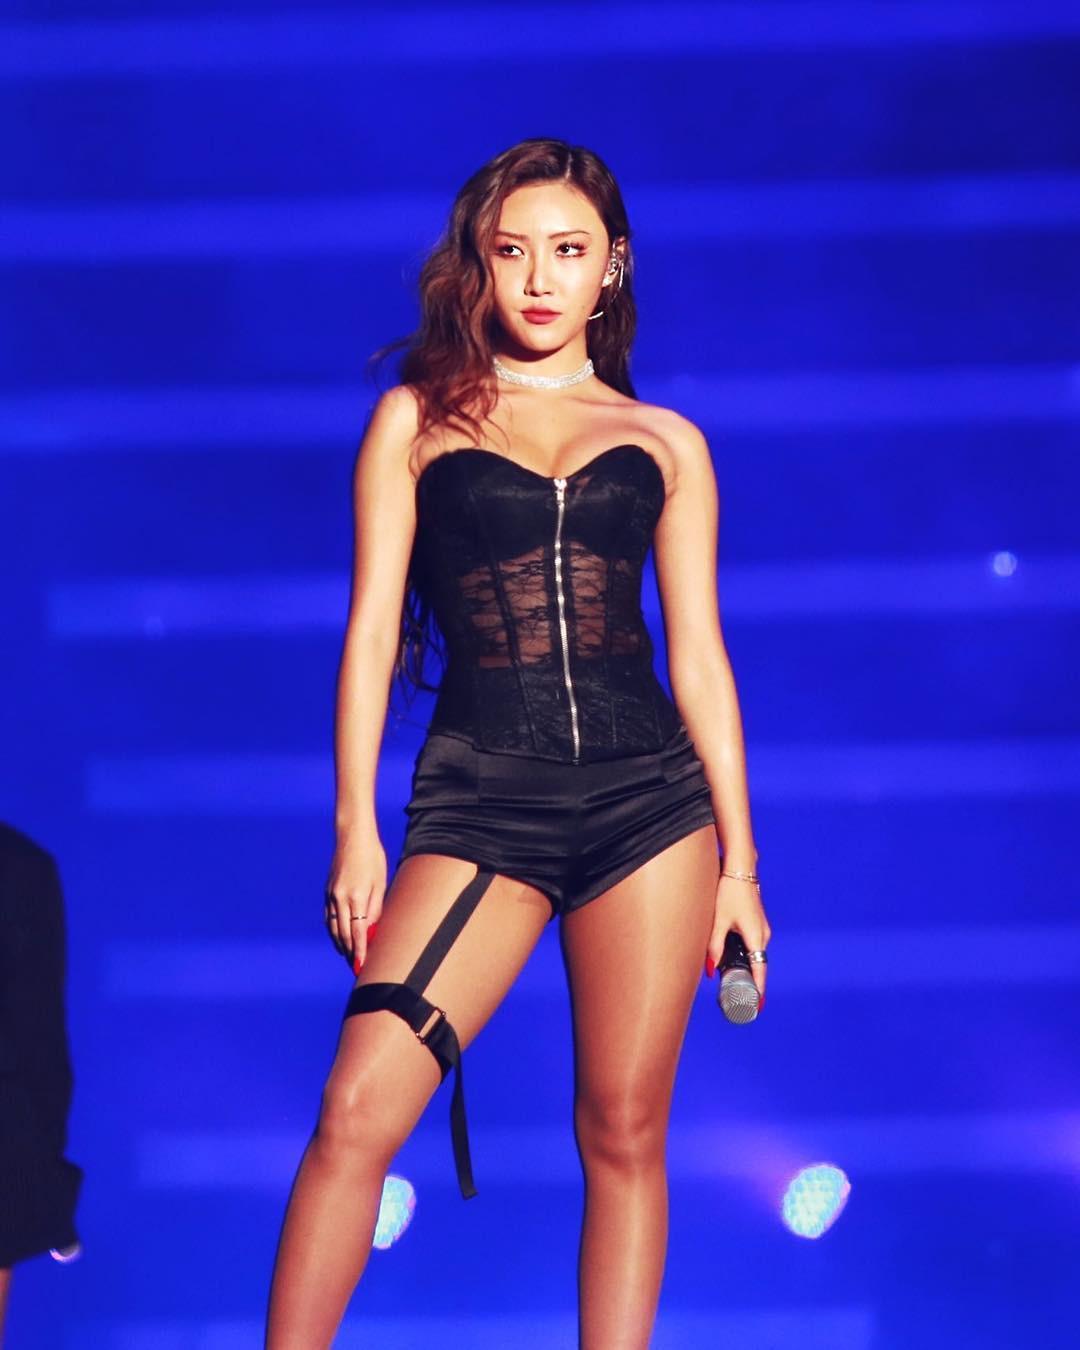 Chiêm ngưỡng mặt mộc của dàn Idol nữ tuổi Hợi trên show thực tế! - Ảnh 1.